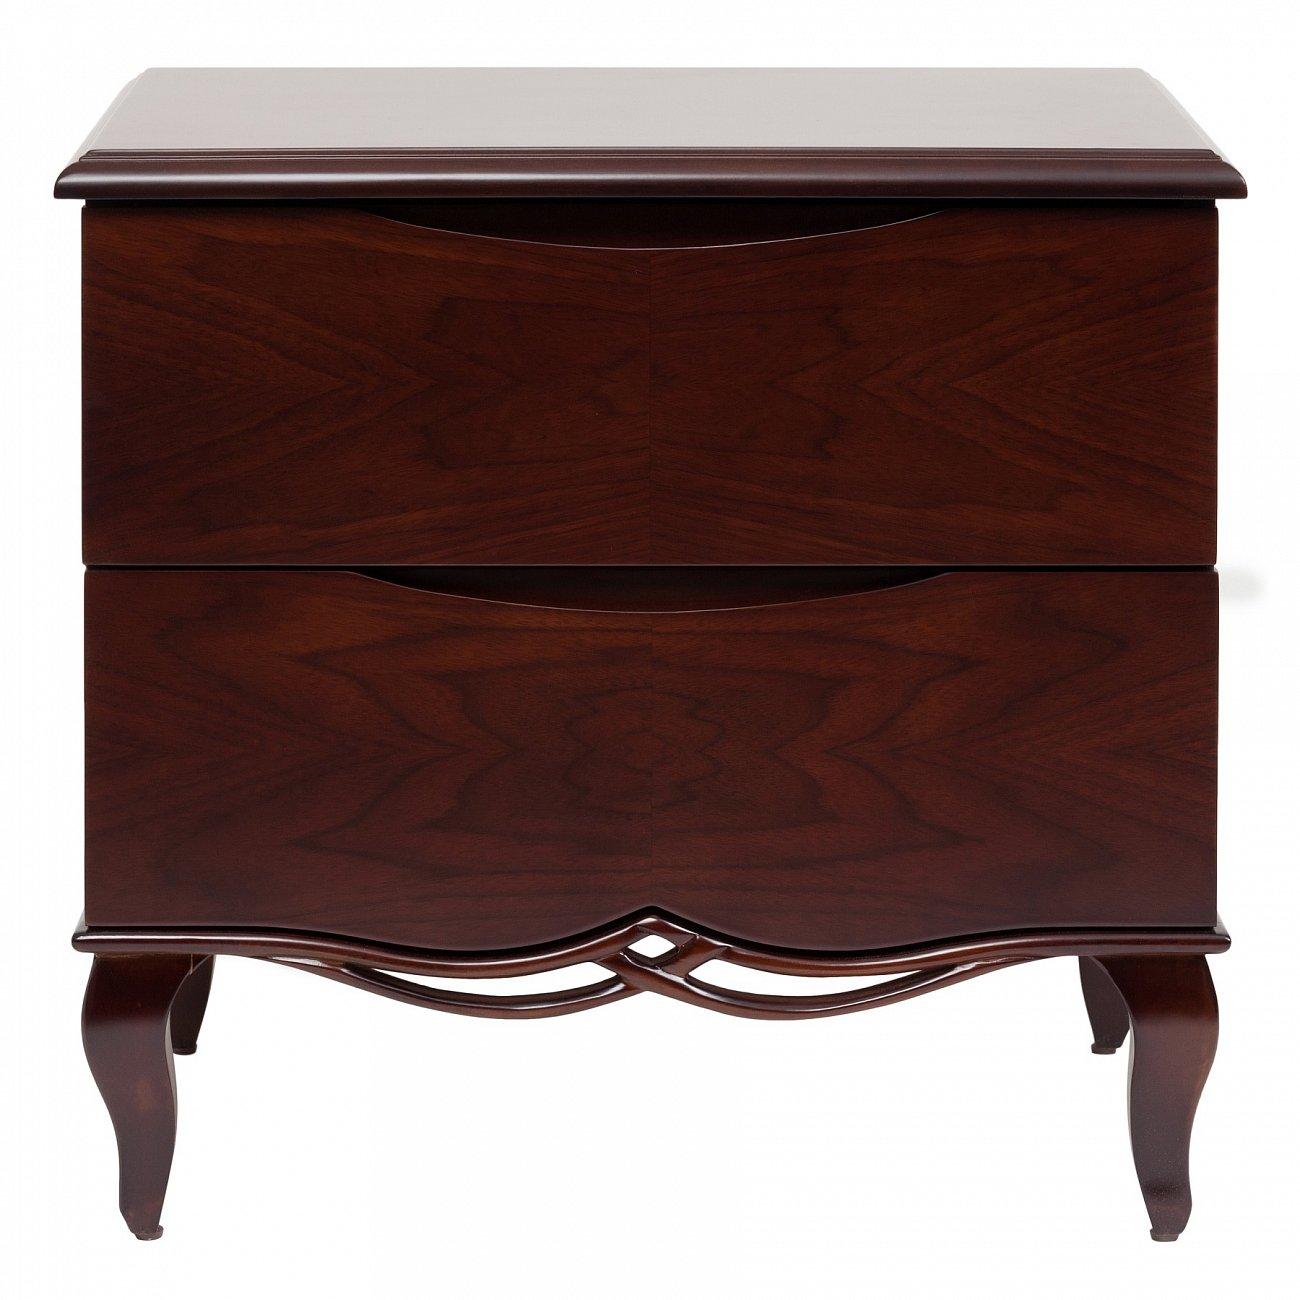 Купить Тумбочка Sherlock в интернет магазине дизайнерской мебели и аксессуаров для дома и дачи